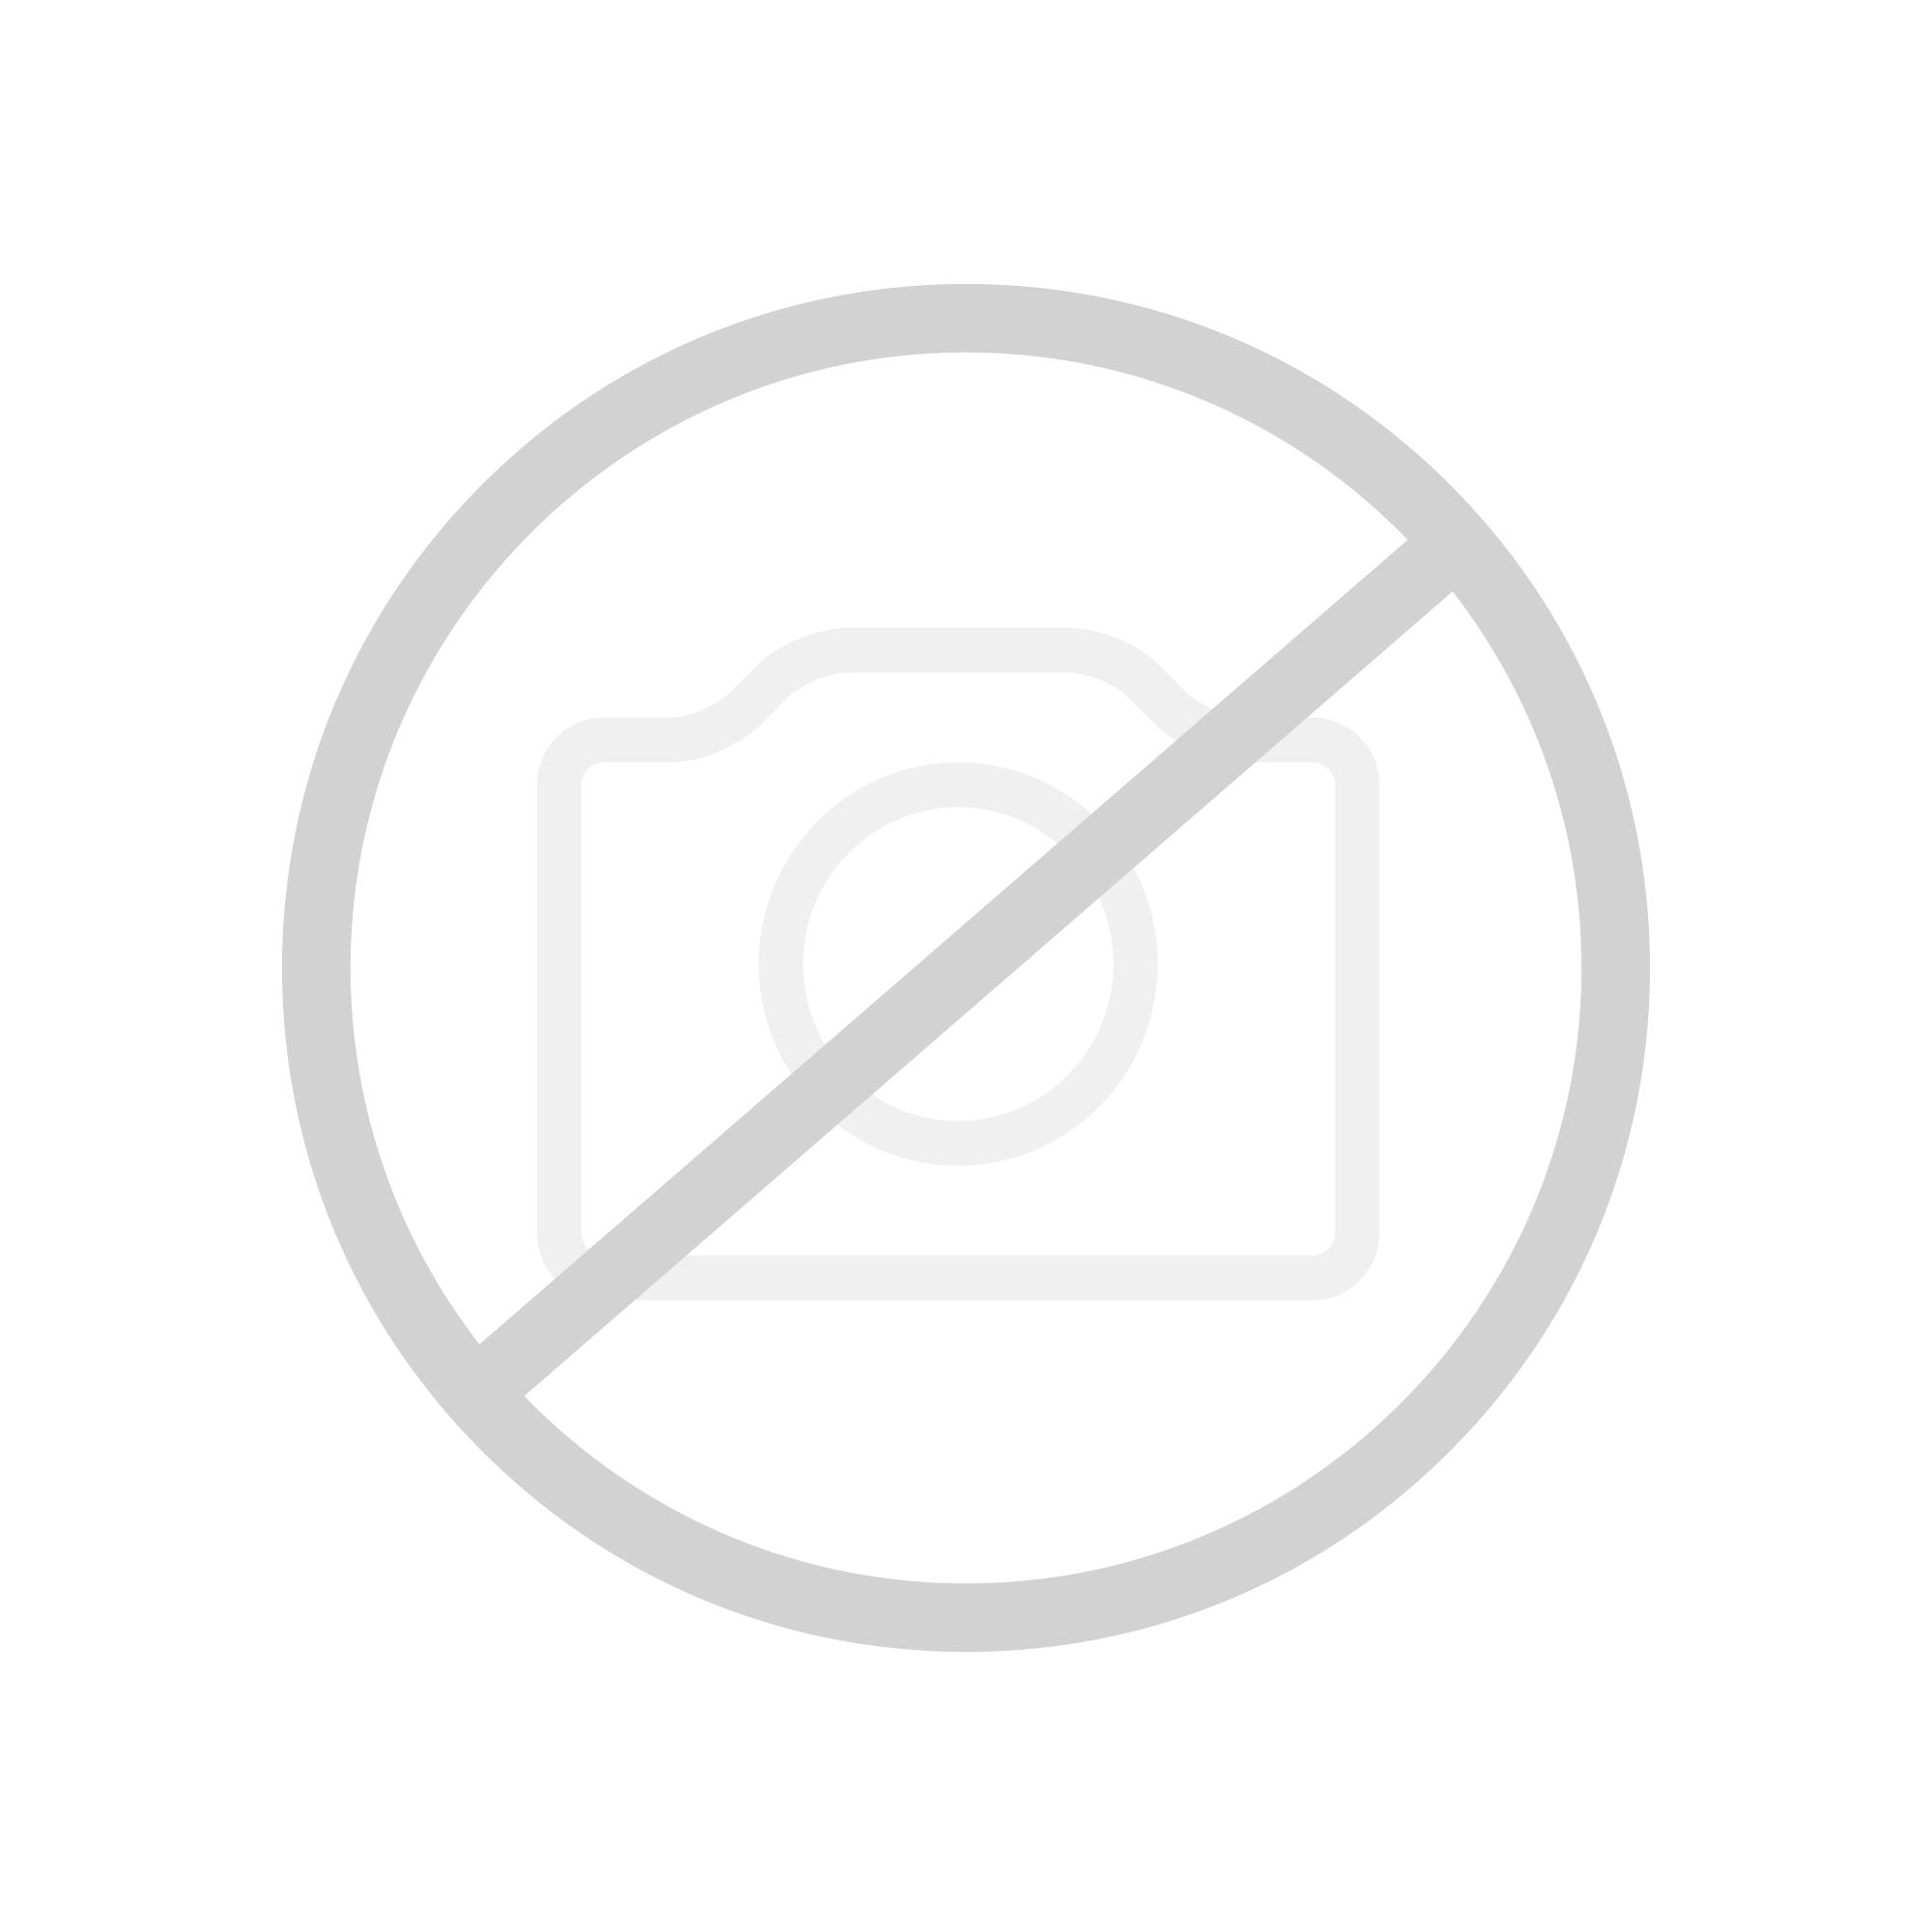 Villeroy & Boch für Bad und Küche bei REUTER